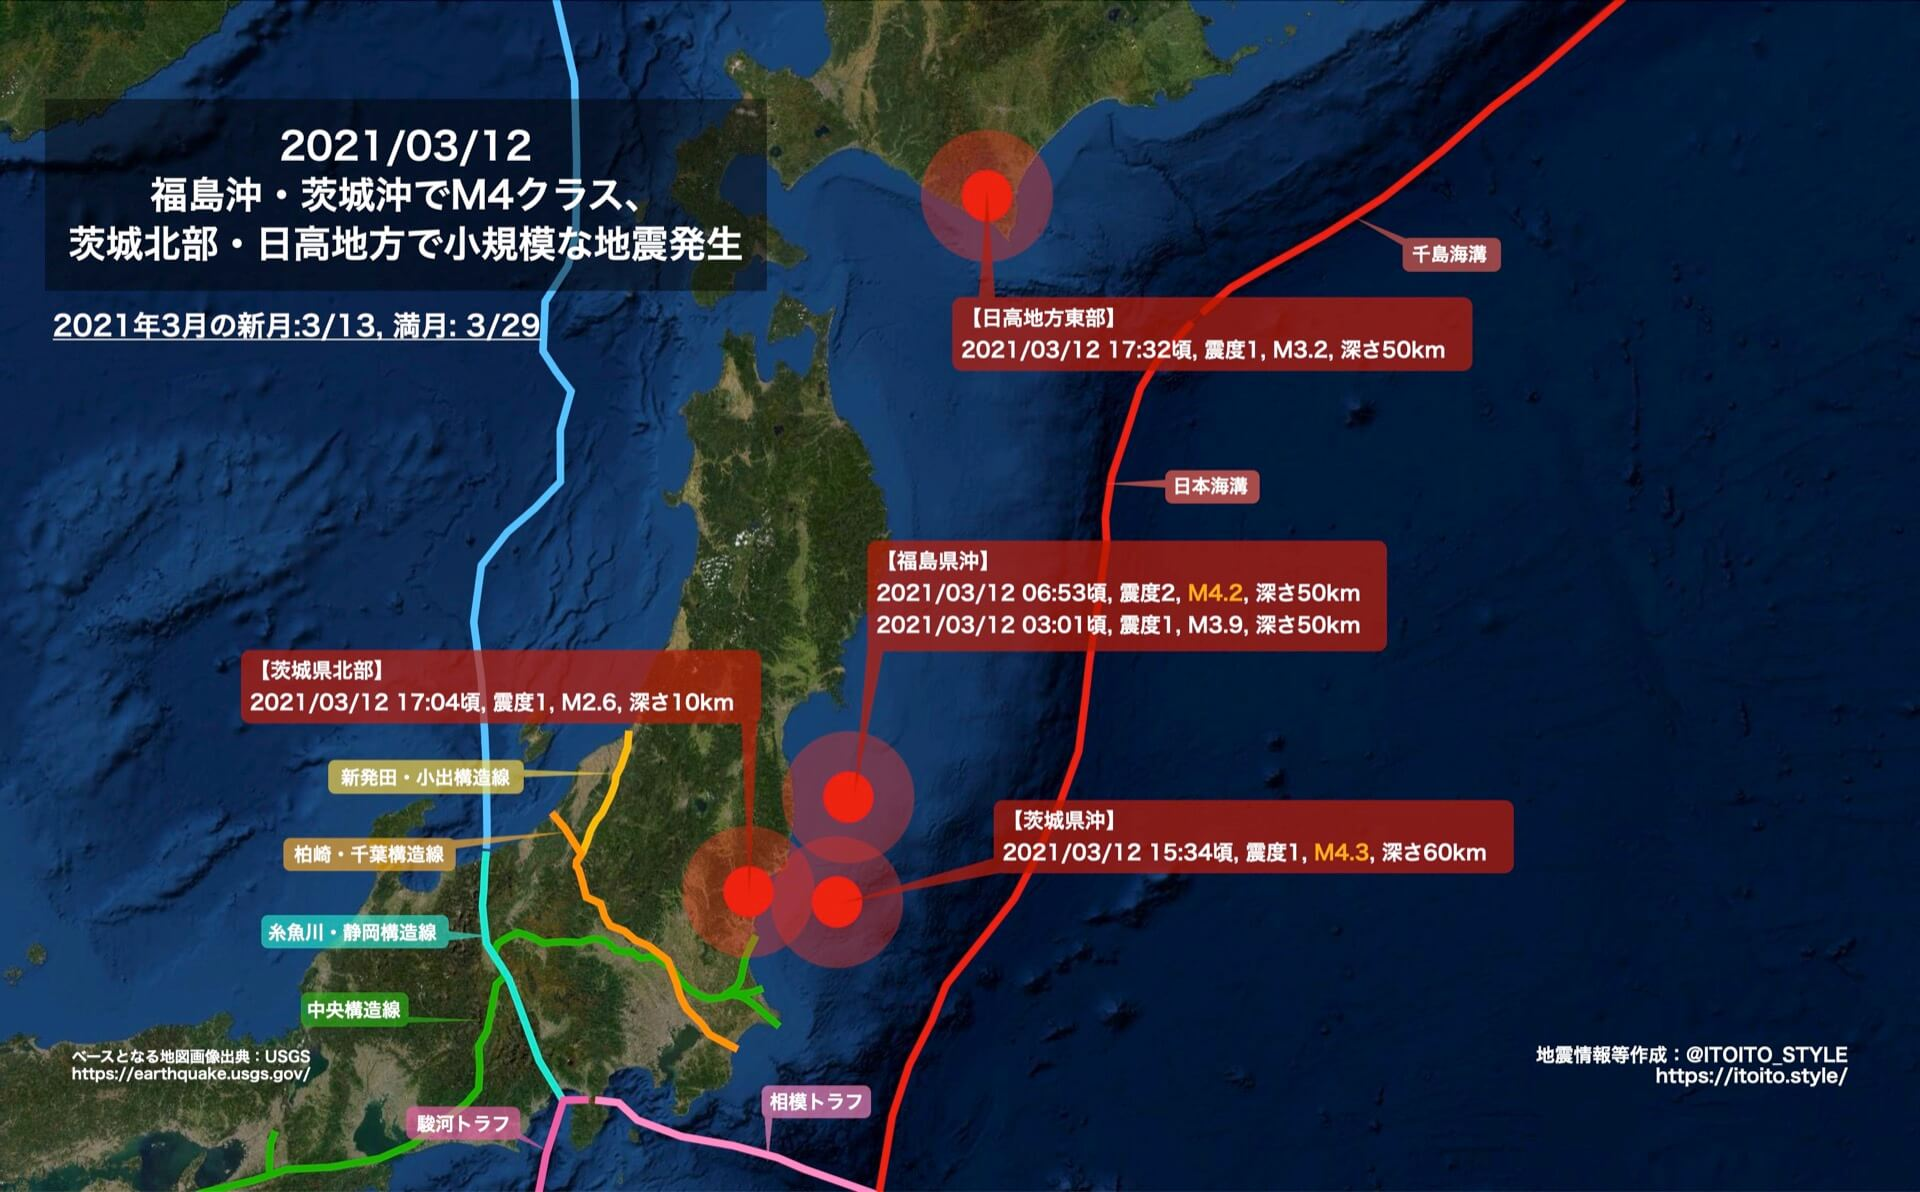 福島沖・茨城沖でM4クラス、茨城北部・日高地方で小規模な地震発生 ...